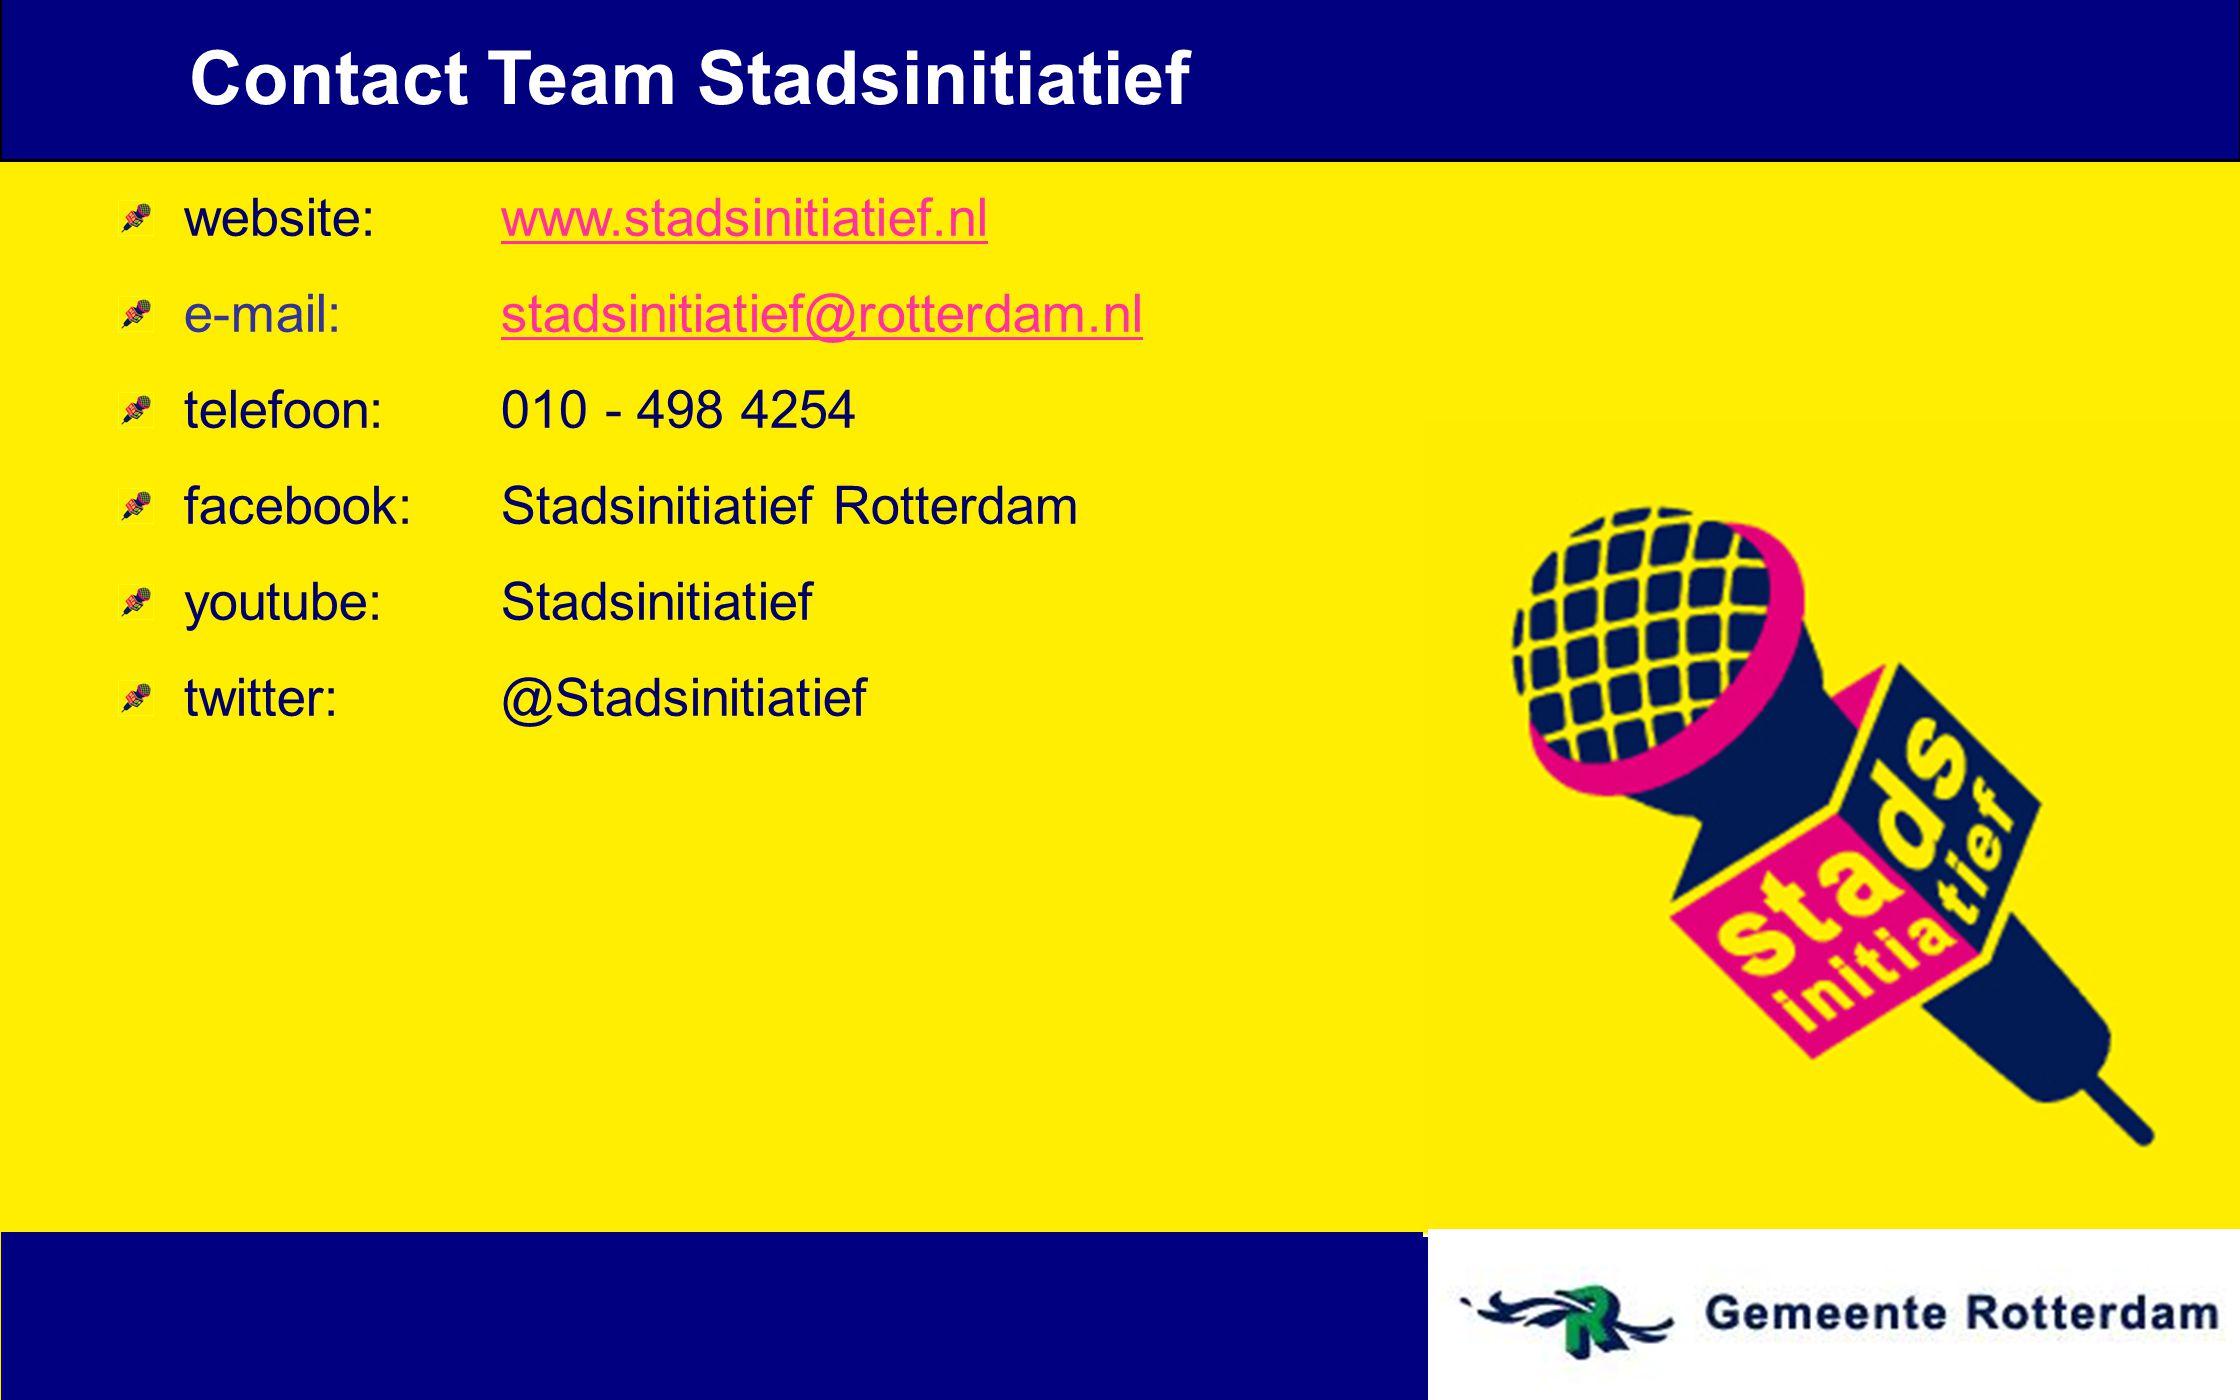 Contact Team Stadsinitiatief website: www.stadsinitiatief.nl e-mail: stadsinitiatief@rotterdam.nl telefoon: 010 - 498 4254 facebook:Stadsinitiatief Ro